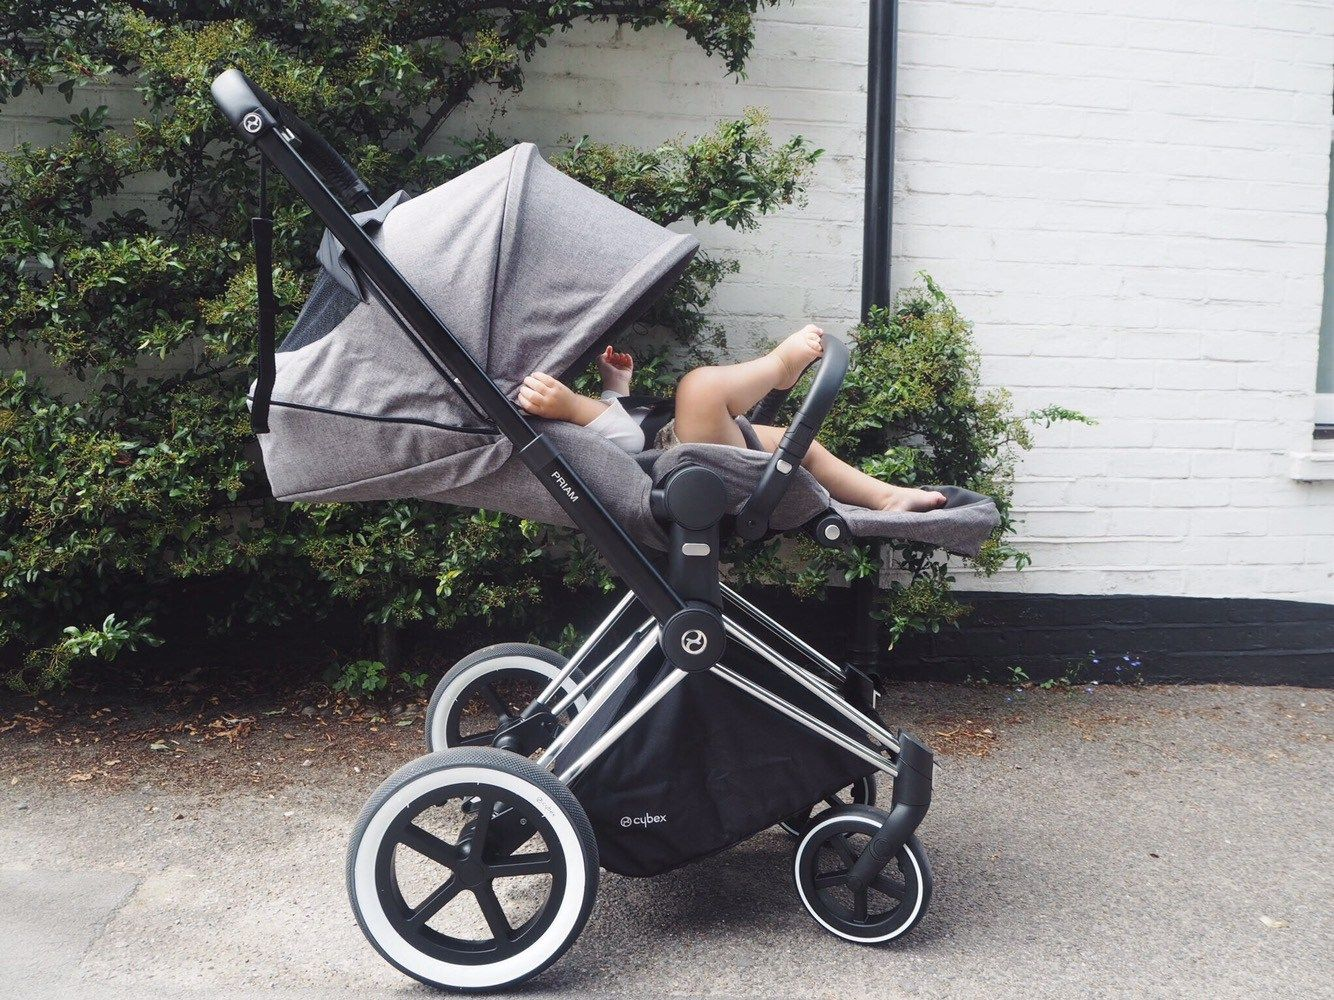 Cybex Priam Pushchair Review Cybex stroller, Cybex priam